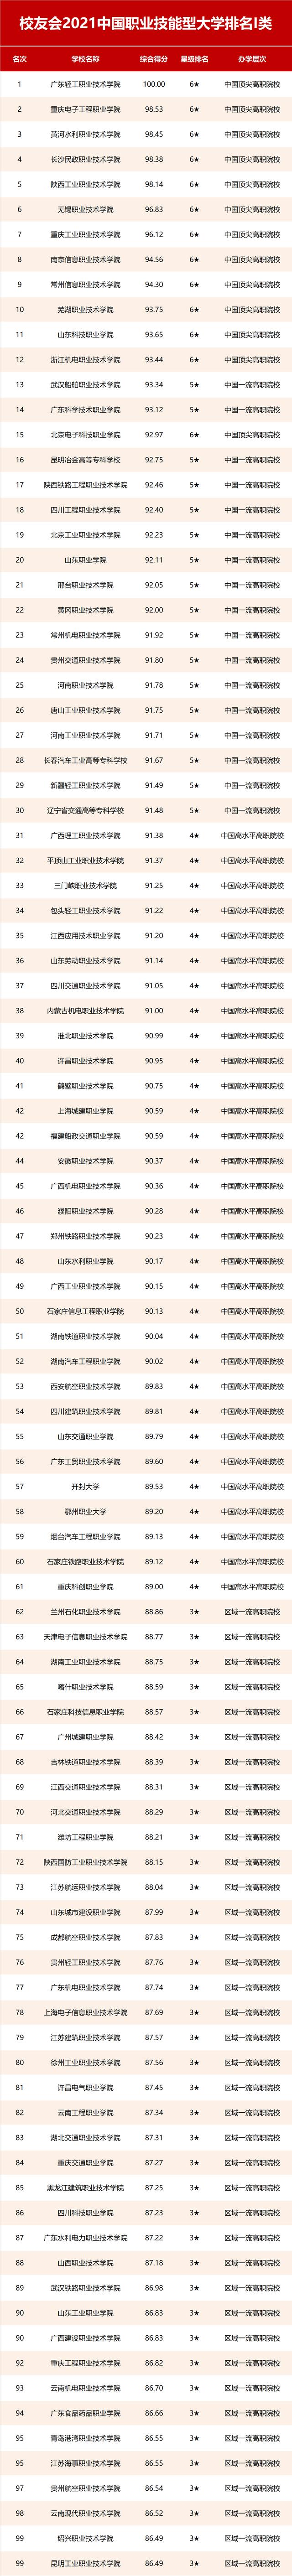 校友会2021中国职业技能型大学网络营销学校排名,广东轻工职业技术学院等第一